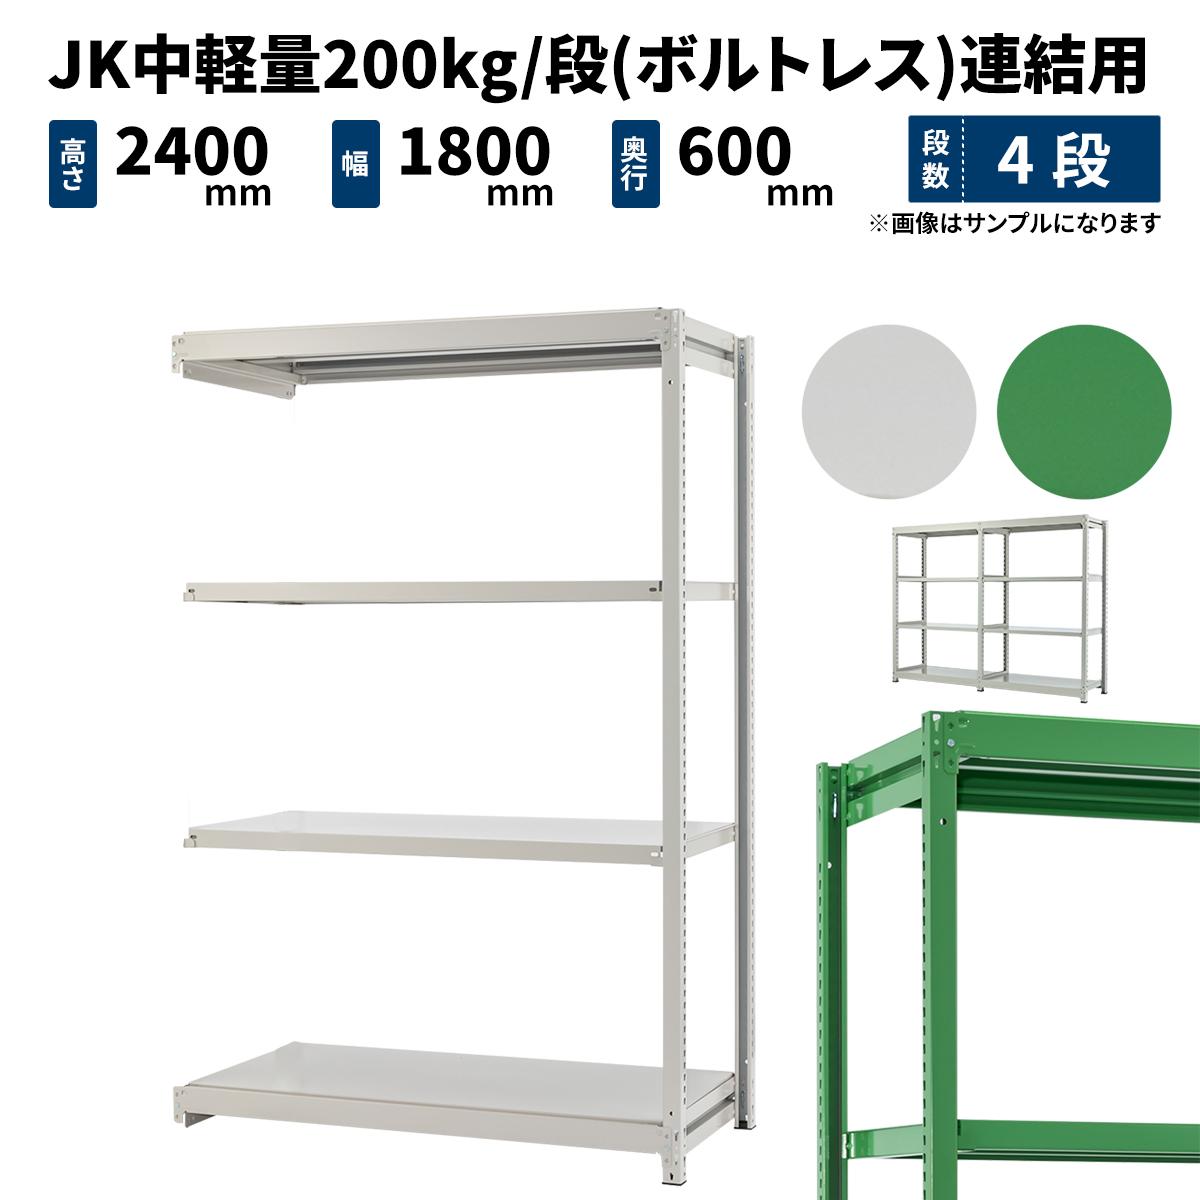 スチールラック 業務用 JK中軽量200kg/段(ボルトレス) 連結形式 高さ2400×幅1800×奥行600mm 4段 ホワイトグレー/グリーン (59kg) JK200_R-241806-4